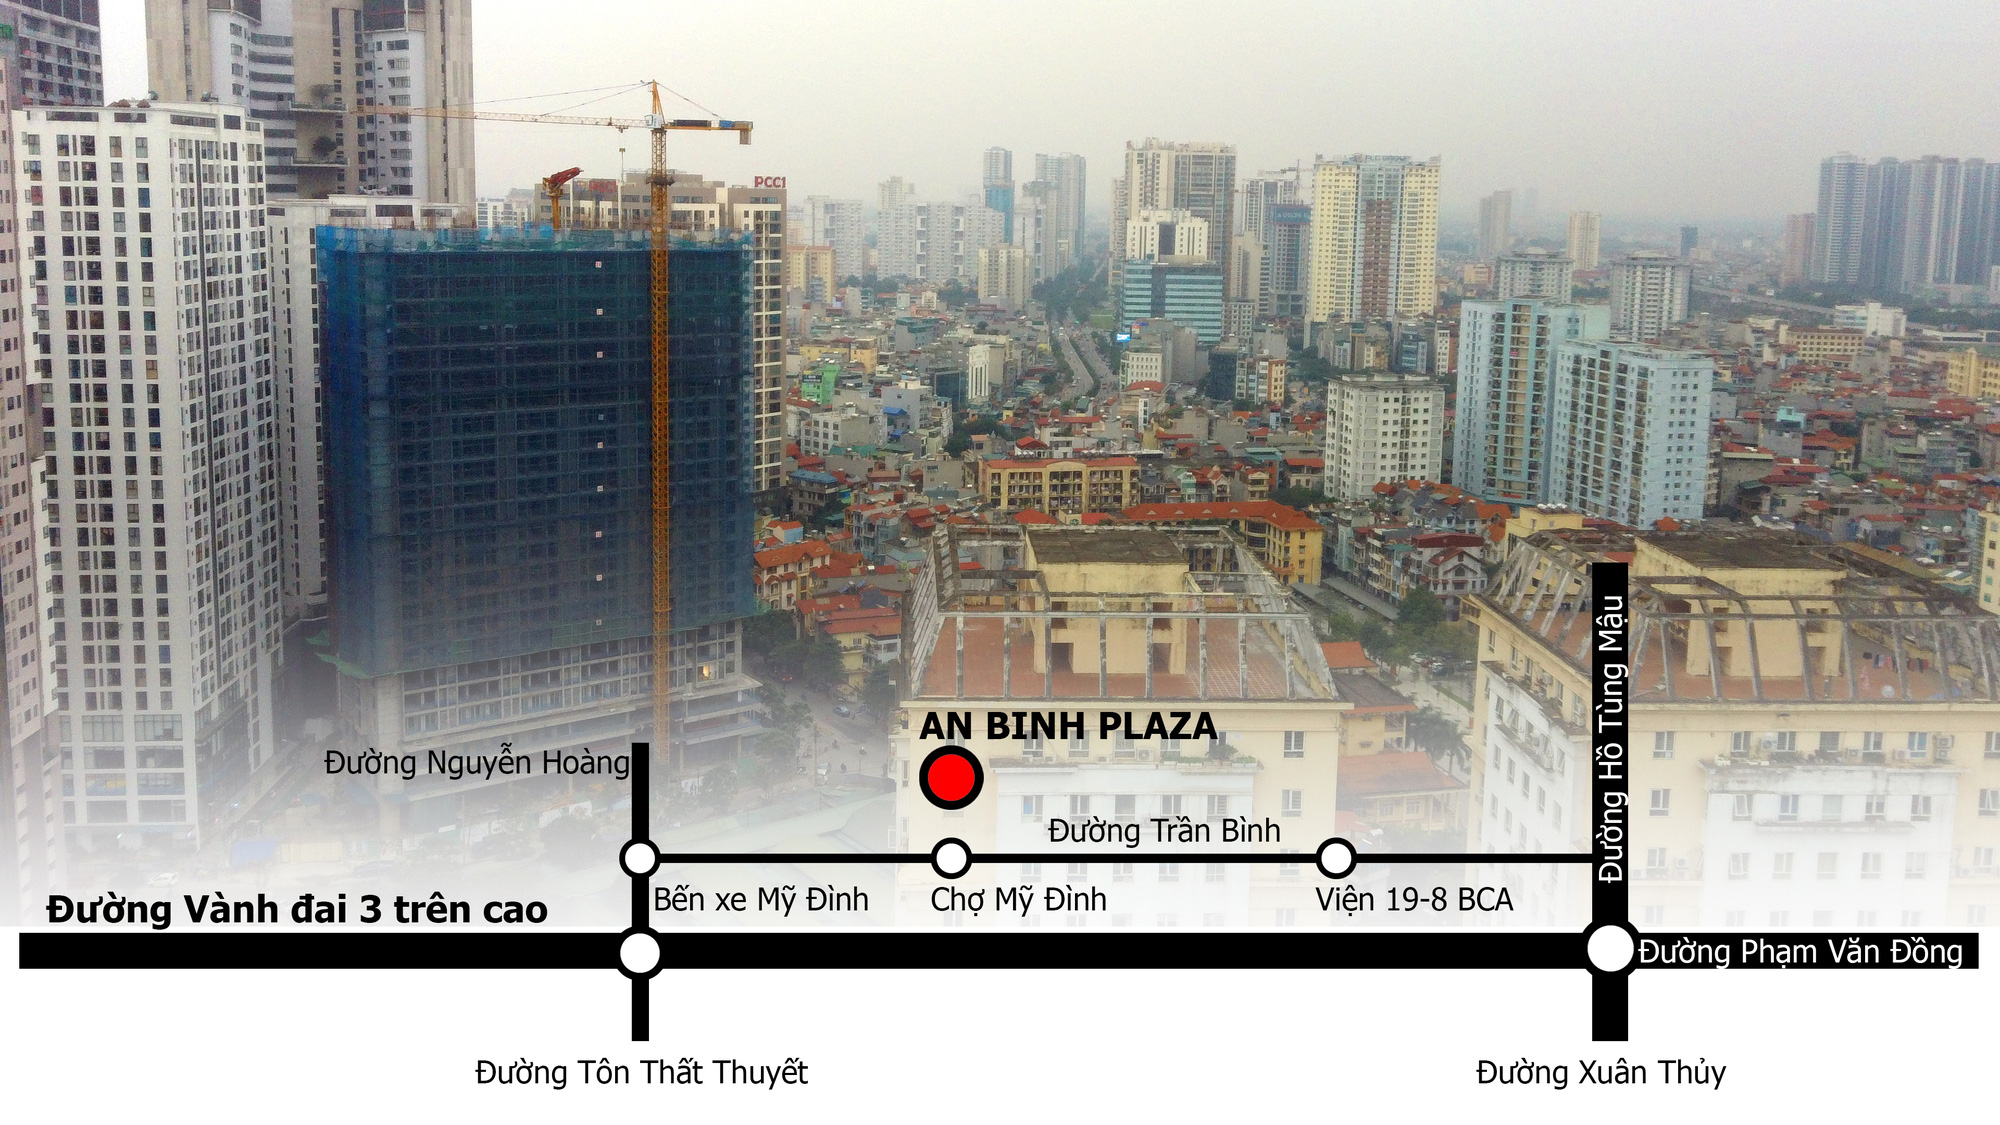 Dự án An Bình Plaza đang mở bán ở Hà Nội: 'Nhất cận thị', lô gia chạy dài qua các phòng - Ảnh 4.